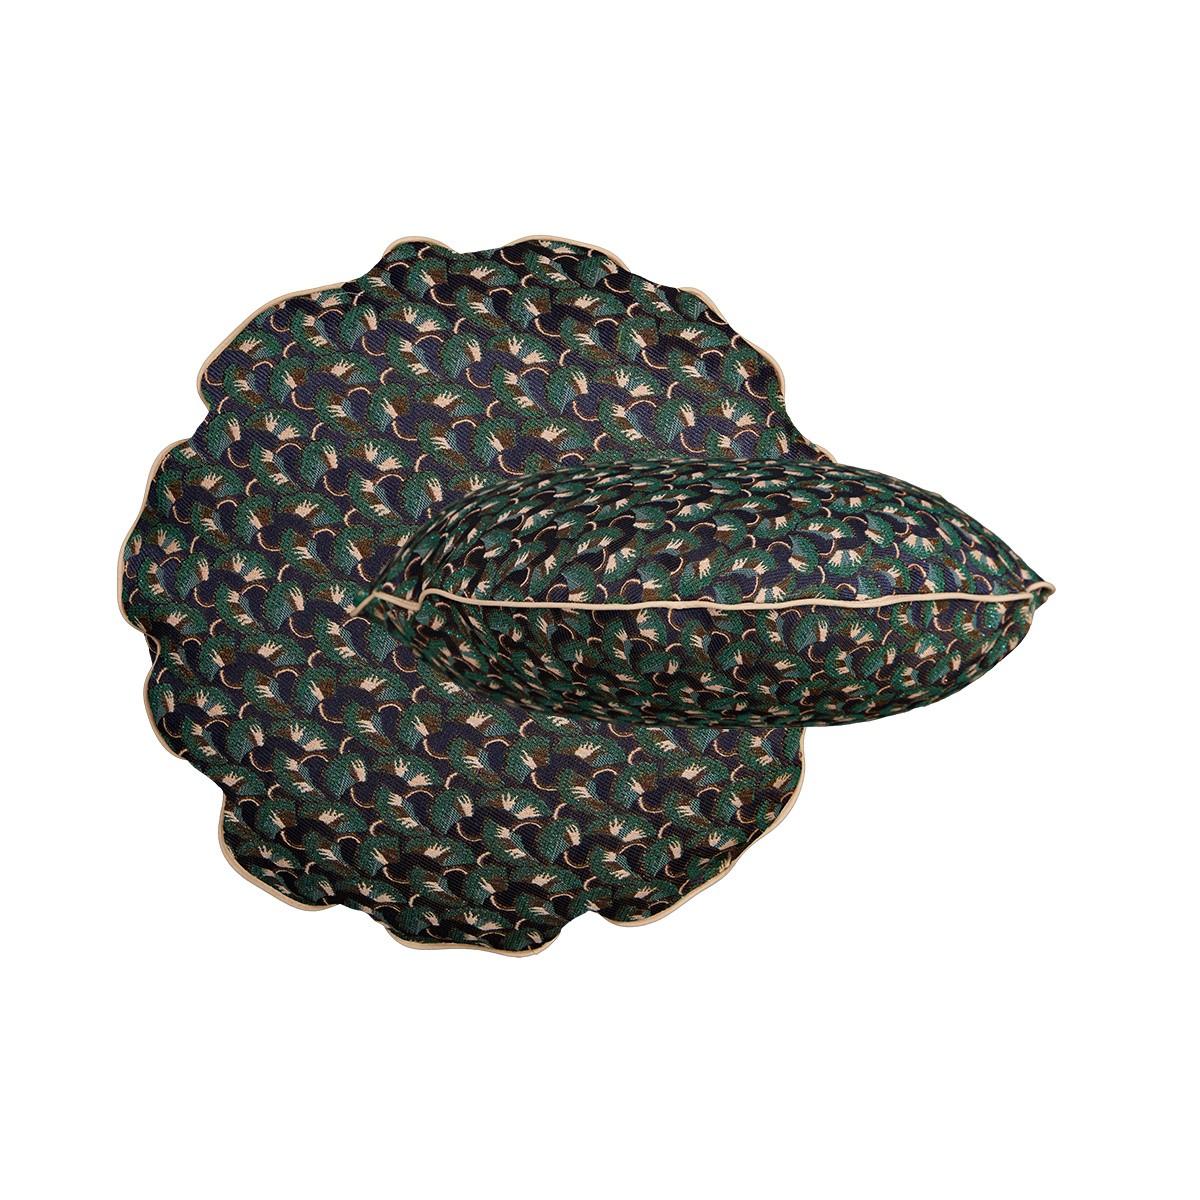 Coussin Bomboloni motif précieux vert